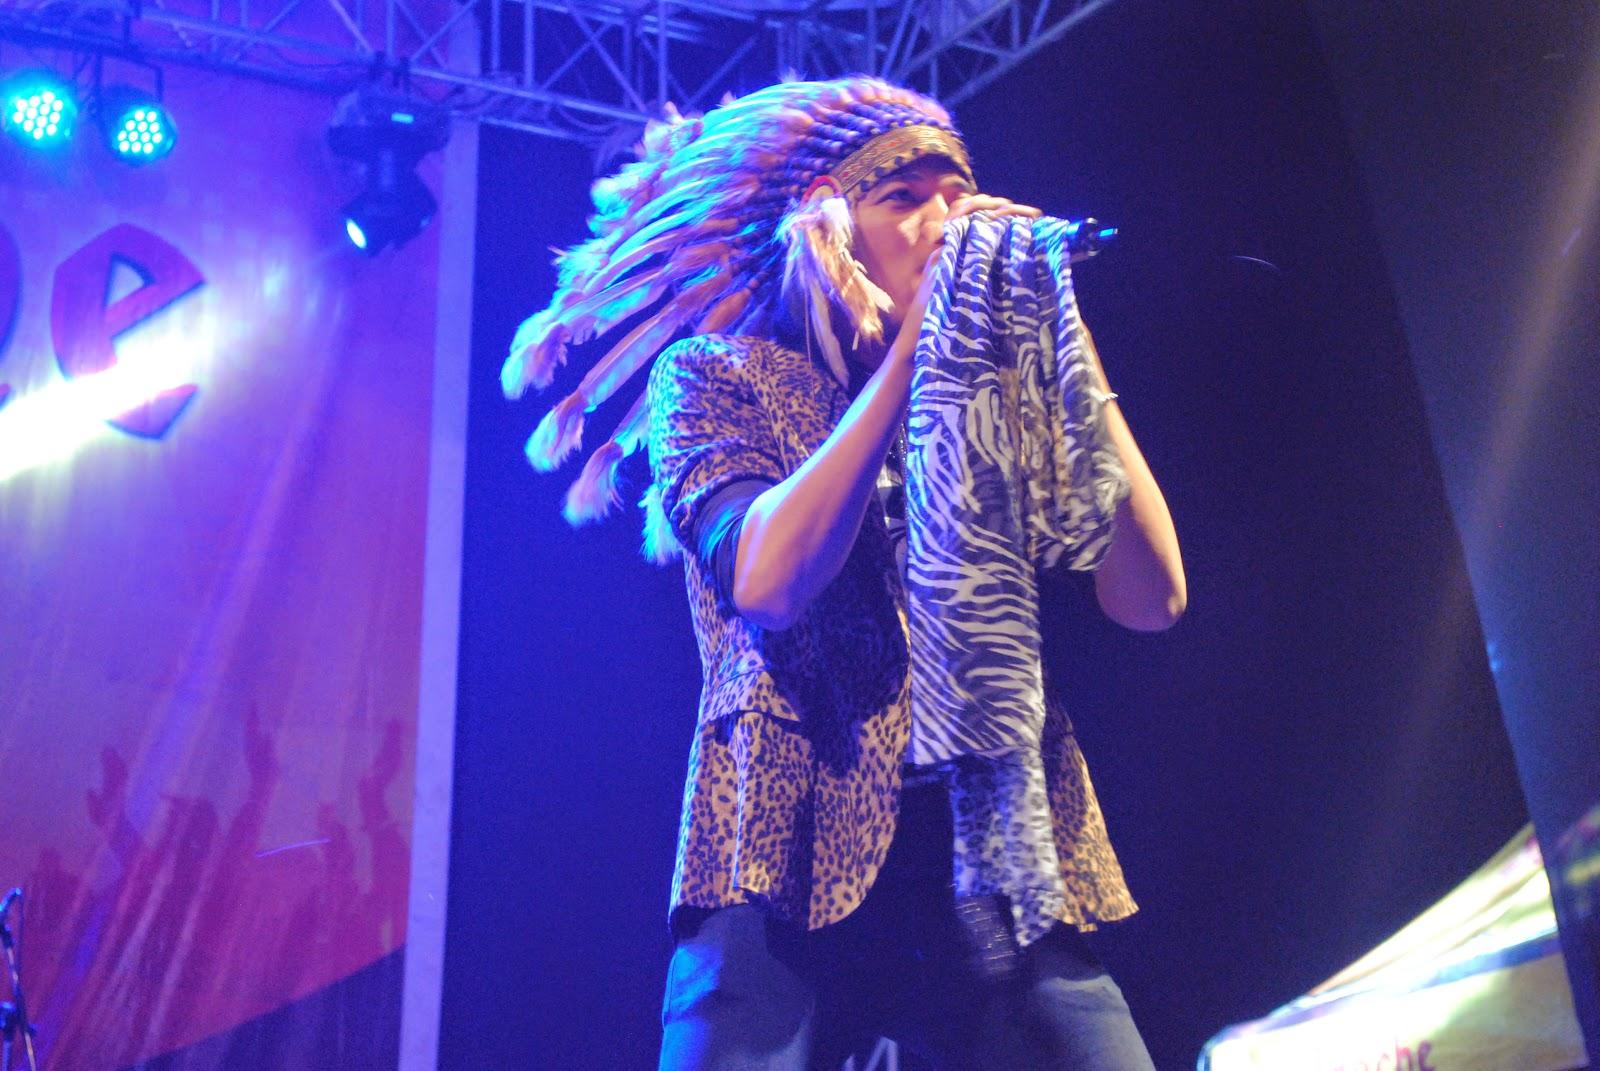 Bintang Asia Promosindo | Event Organizer Cirebon | EO Cirebon